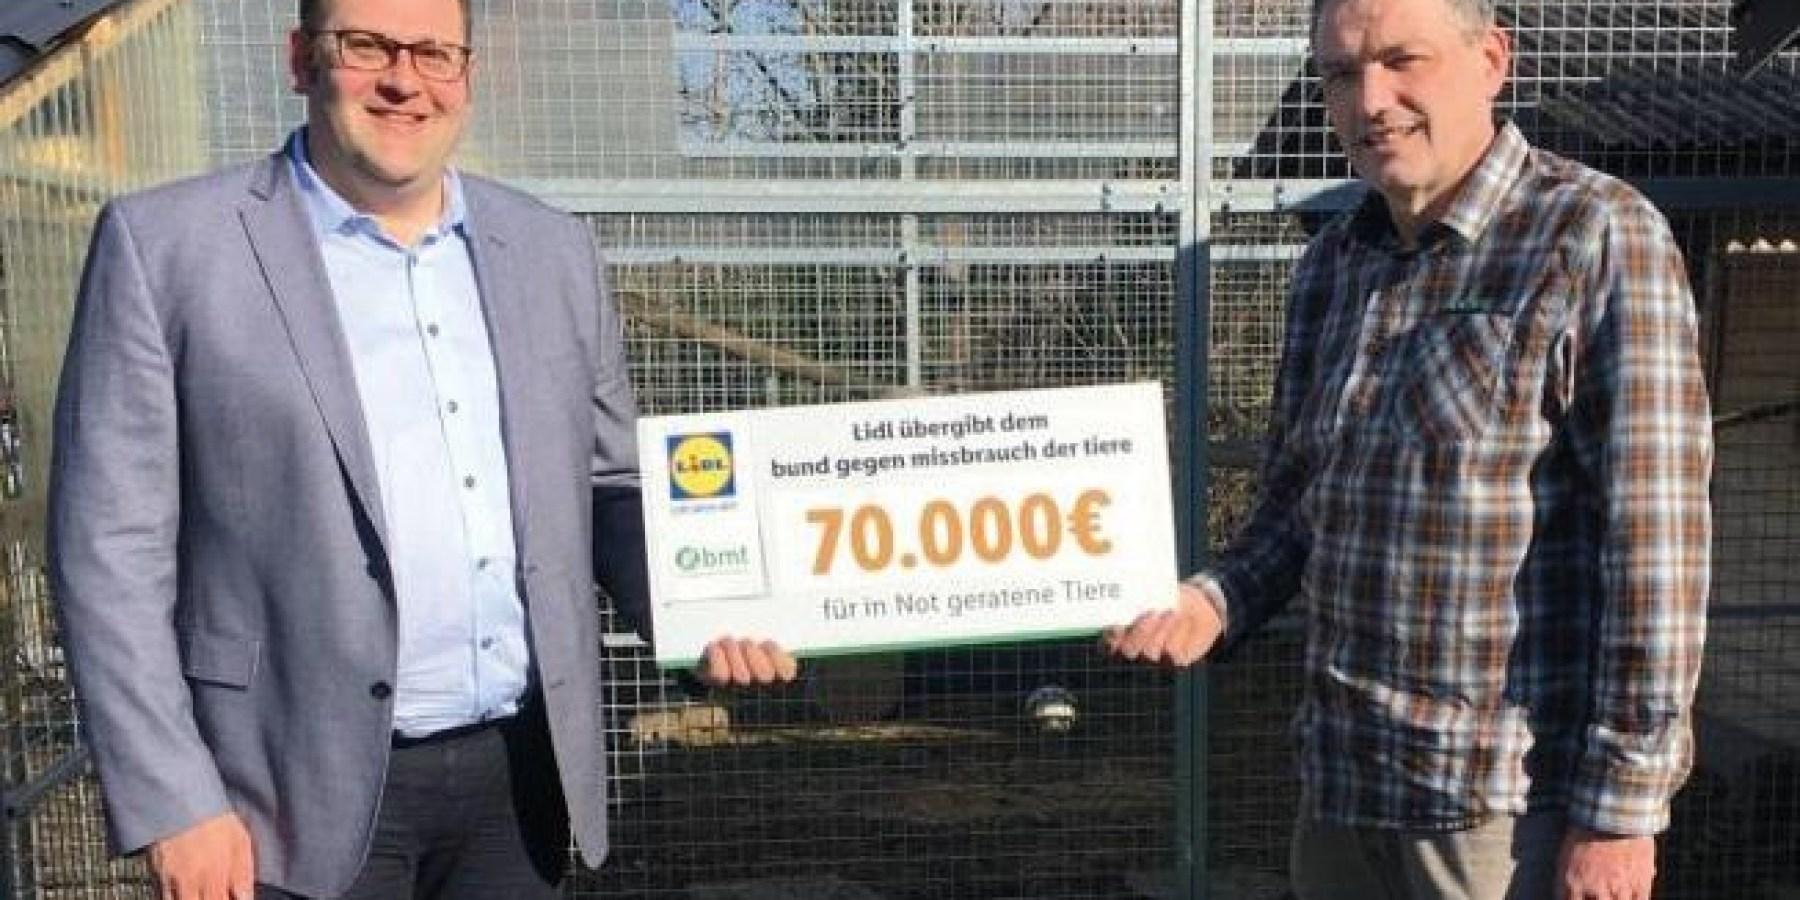 Lidl unterstützt den Bund gegen Missbrauch der Tiere mit 70.000 Euro